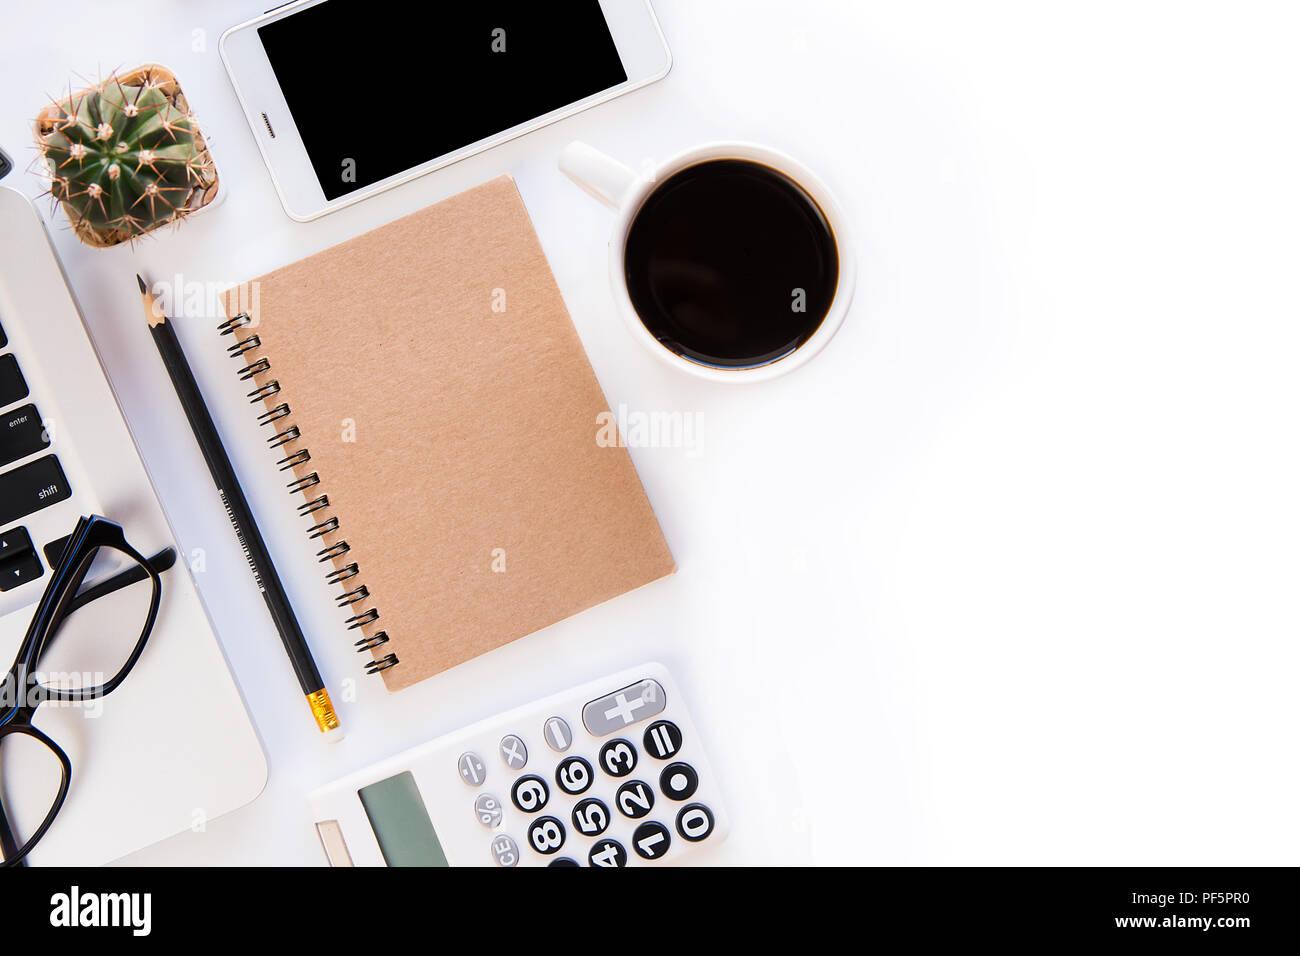 Ufficio Del Lavoro In Nero : Ufficio bianco scrittoio di area di lavoro di office con un laptop